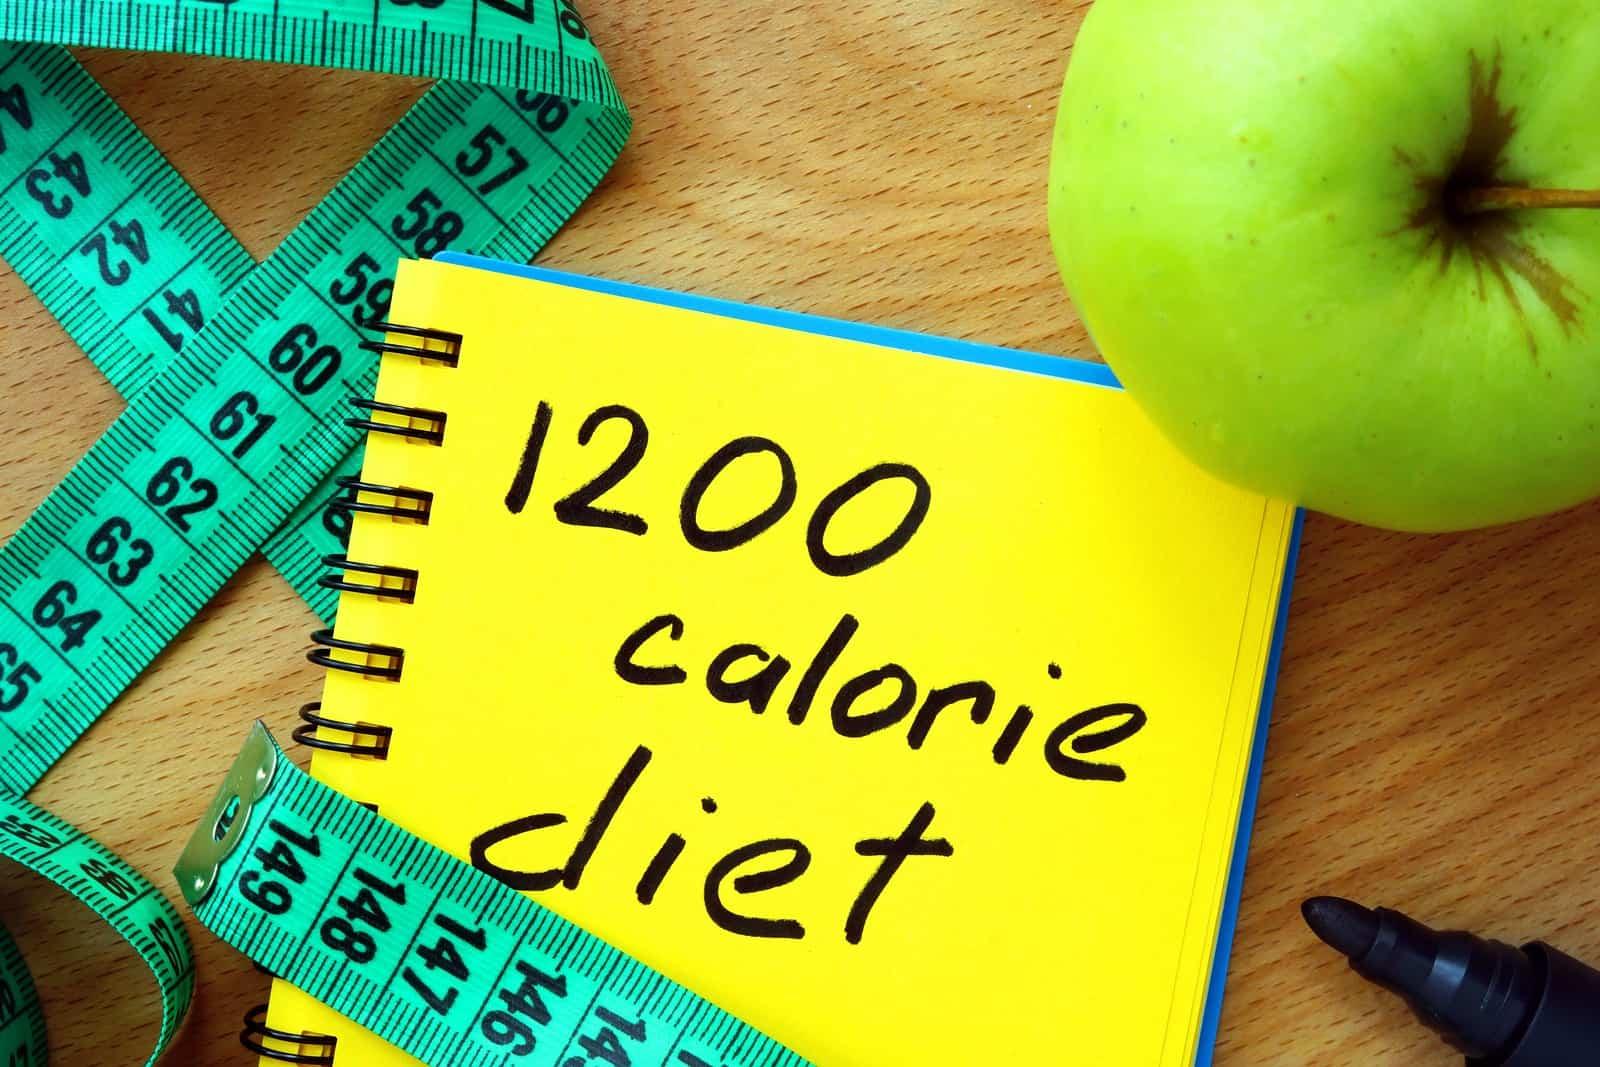 1200 kalóriás diéta